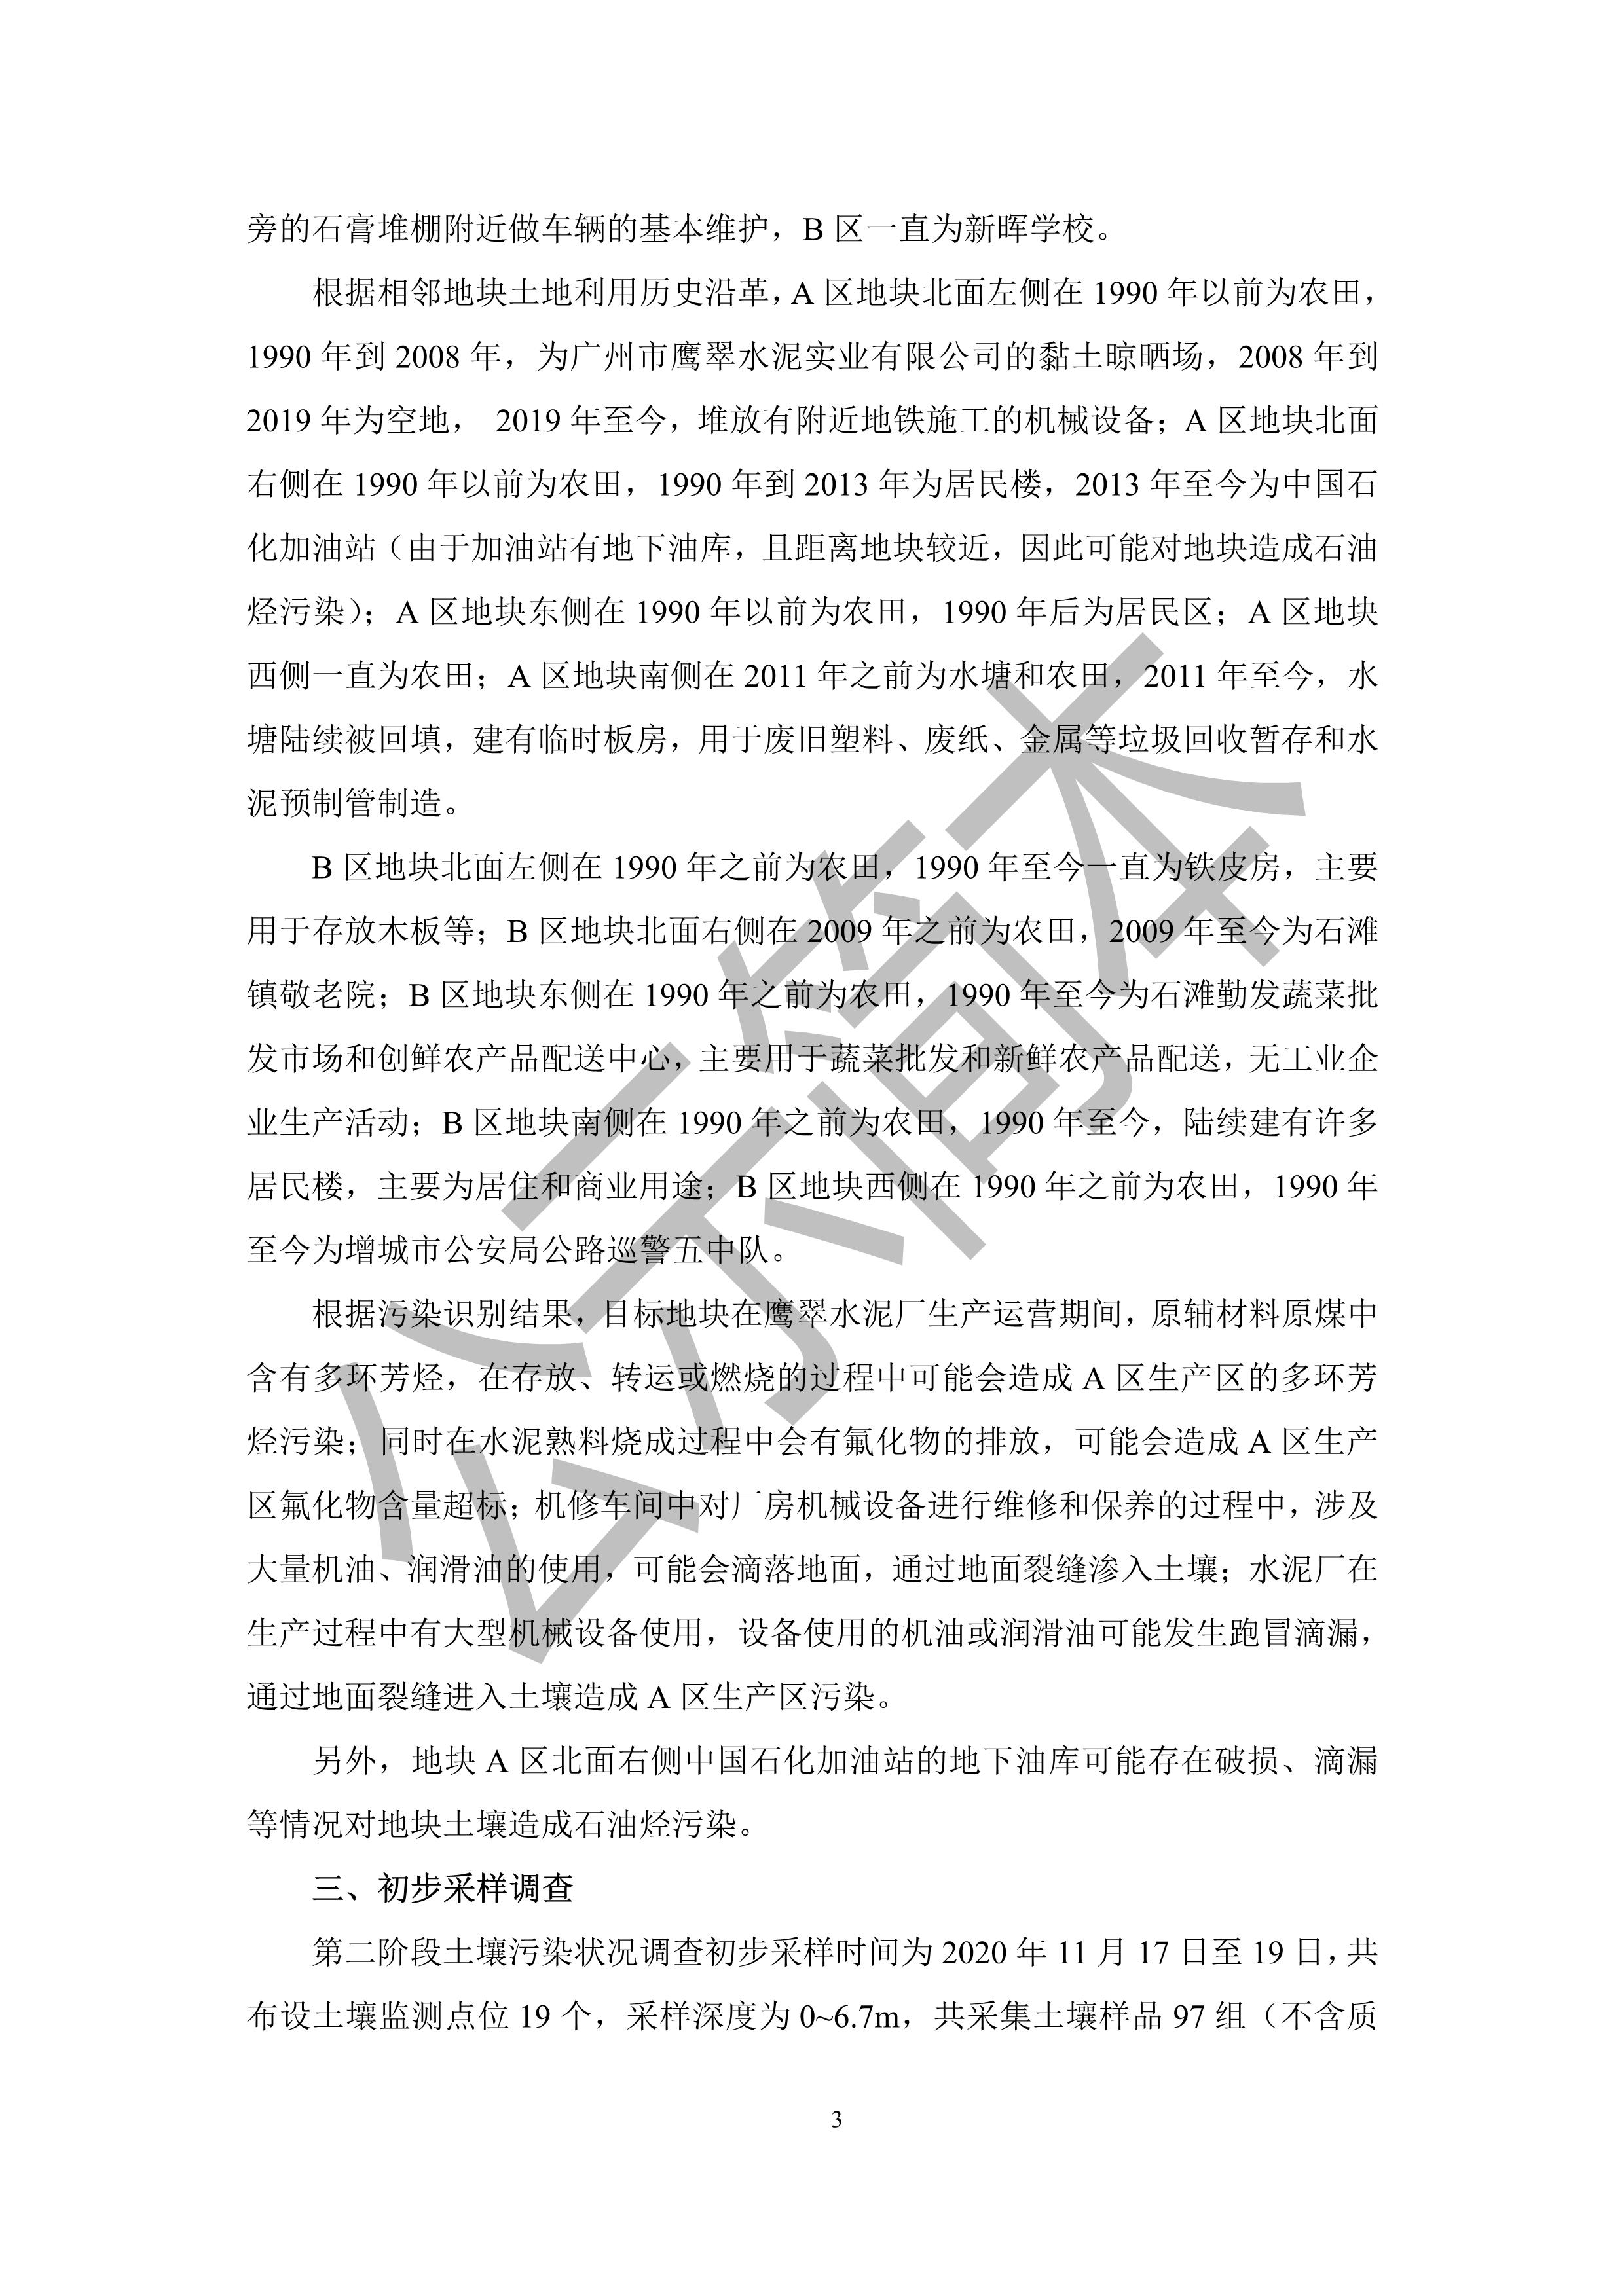 广州市鹰翠水泥实业有限公司地块土壤污染状况初步调查报告(公示简本)_3.png